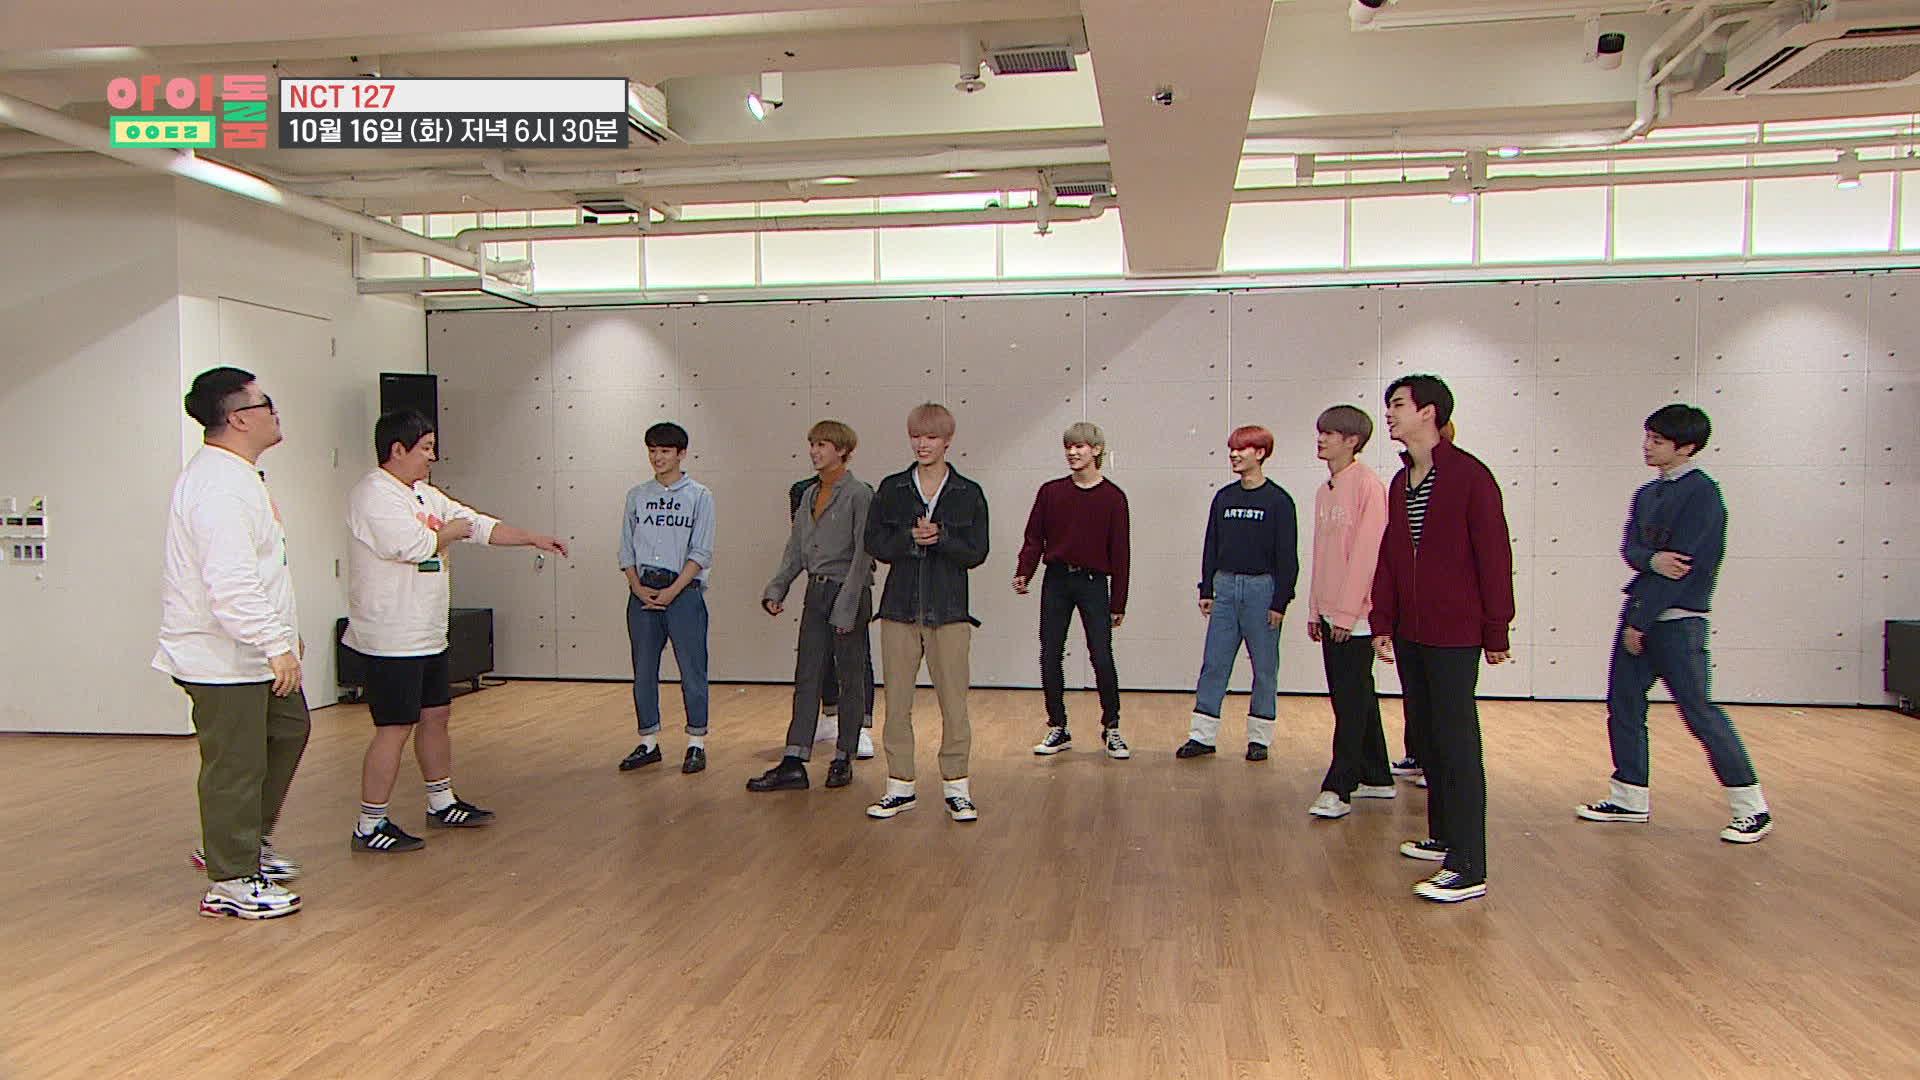 <아이돌룸> 23회 선공개 - NCT127이 추는 '츄잉껌'과 'BOSS' 댄스♪